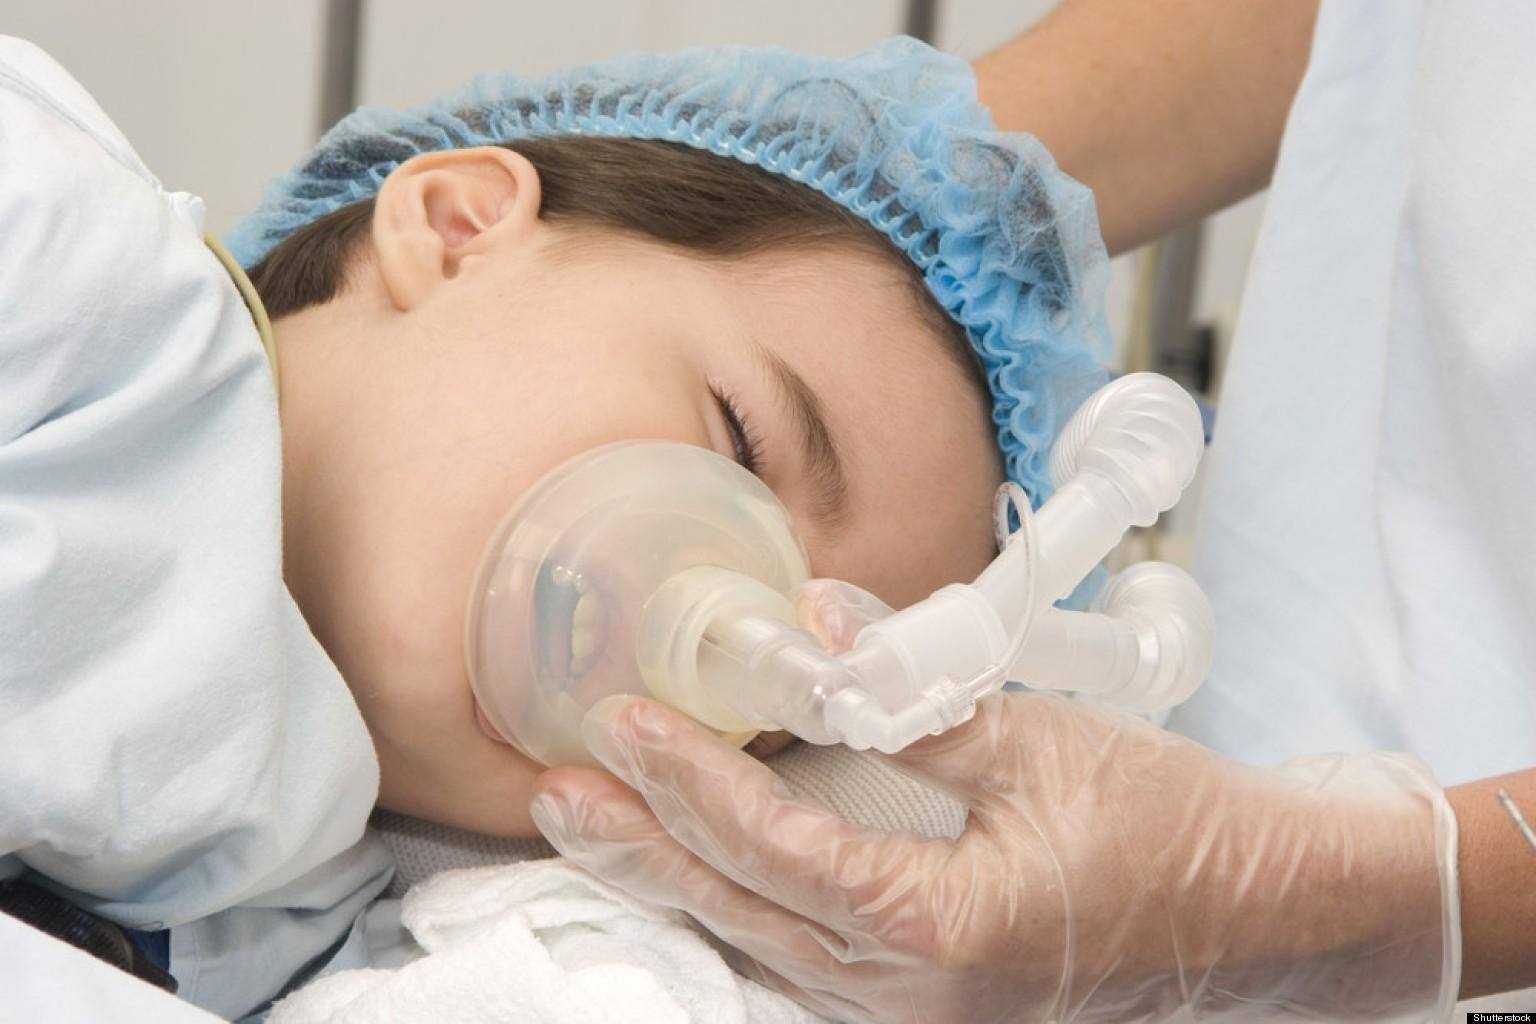 Мозг ребенка нестрадает отанестезии впроцессе хирургической операции